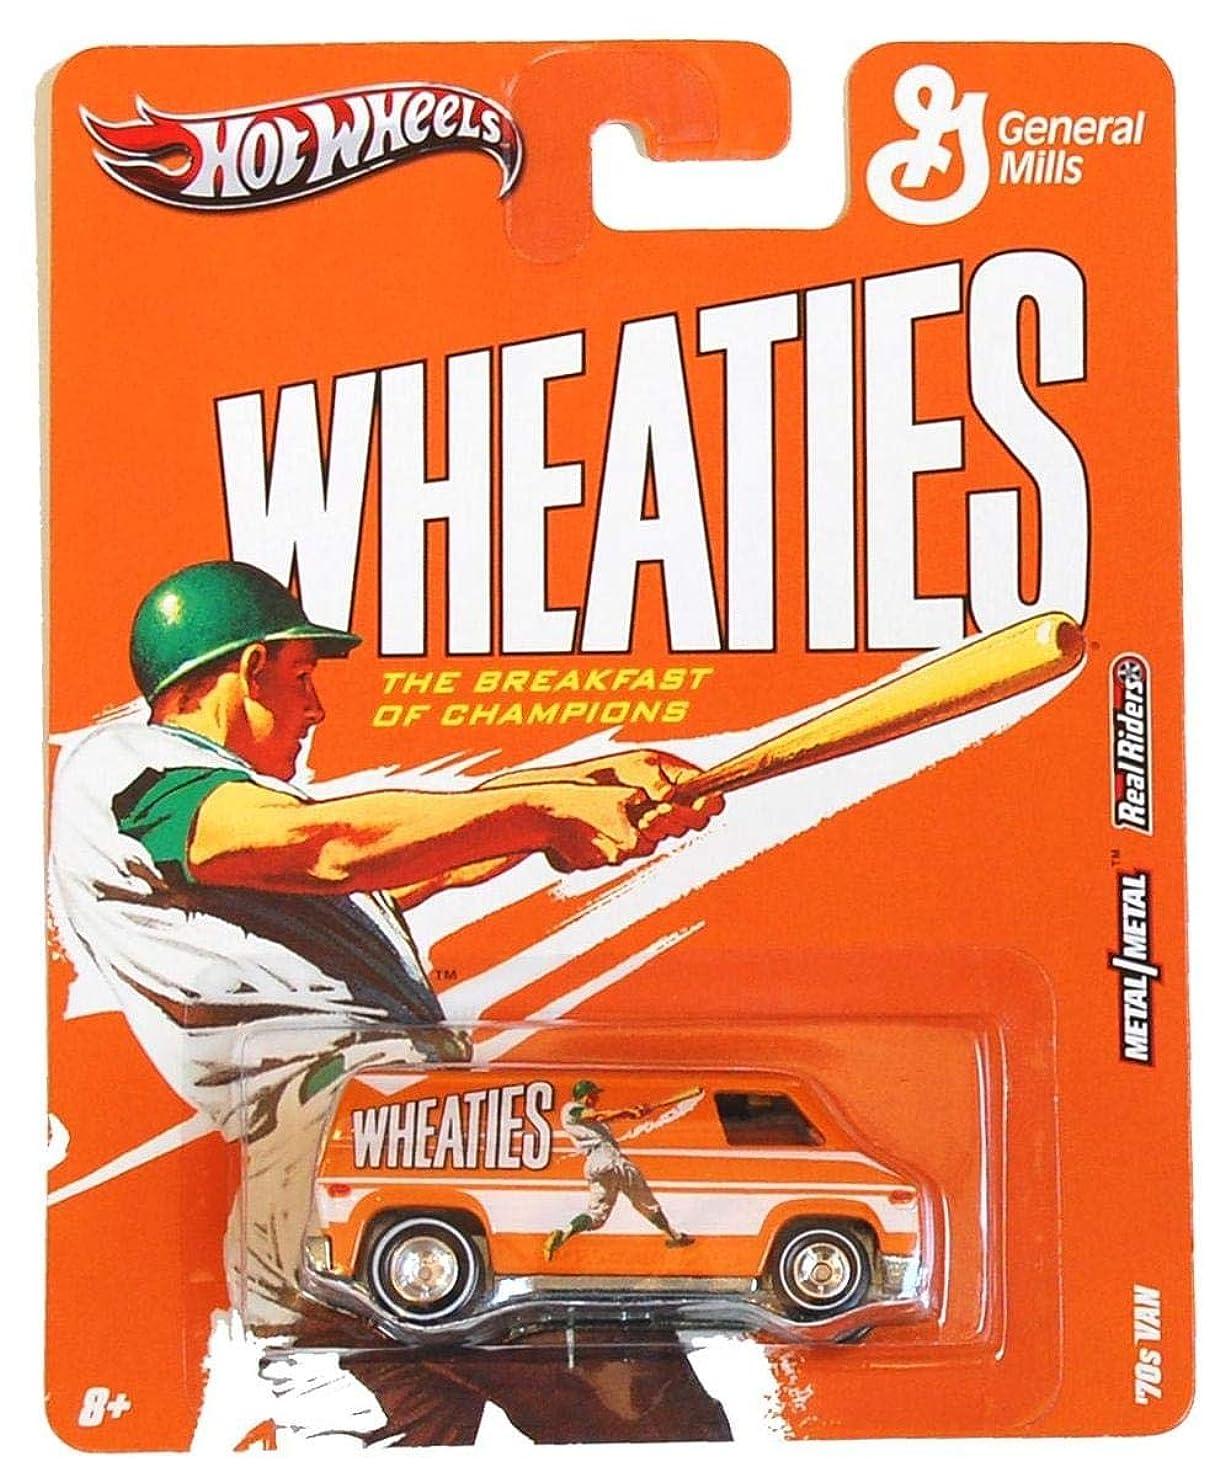 ボウリング植物学者まともな'70s VAN * WHEATIES * Hot Wheels General Mills Cereal 2011 Nostalgia Series 1:64 Scale Die-Cast Vehicle